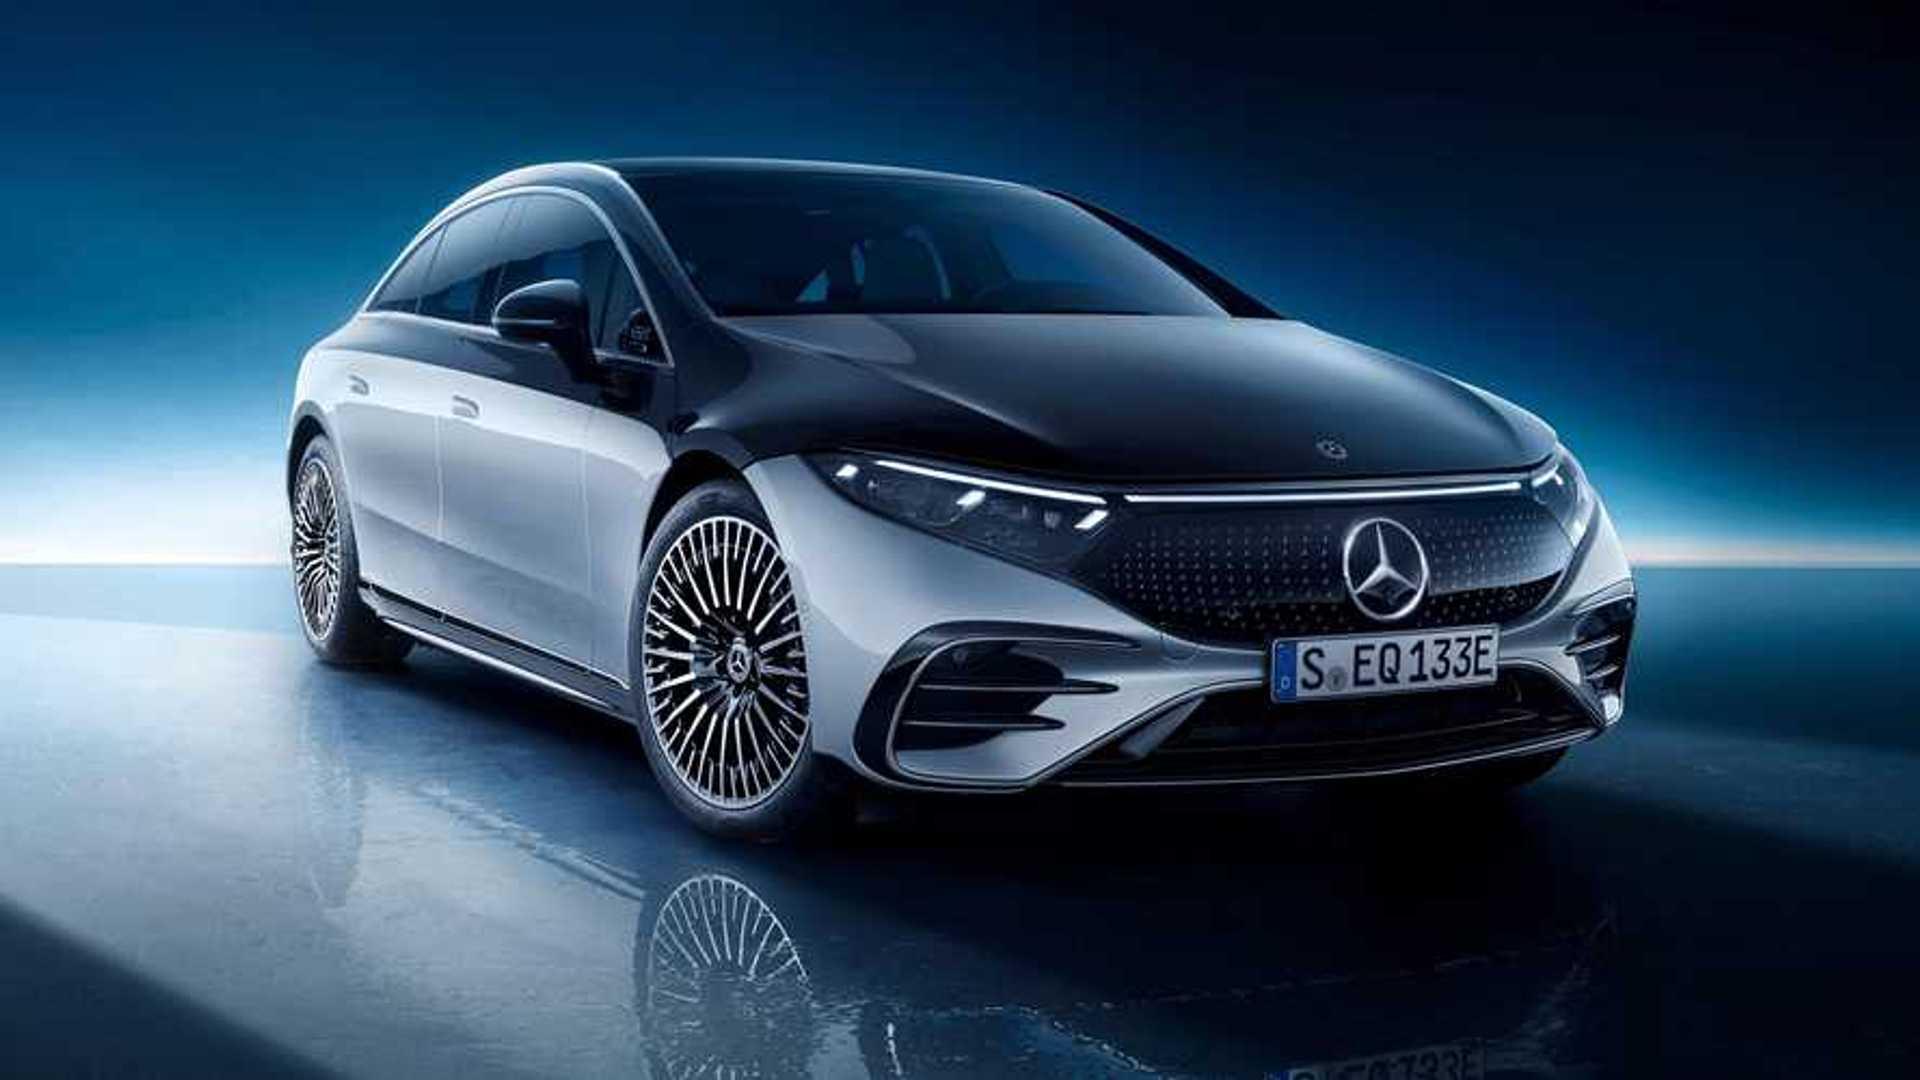 Mercedes-Benz EQS 580 Edition One 2022 exterior front quarter